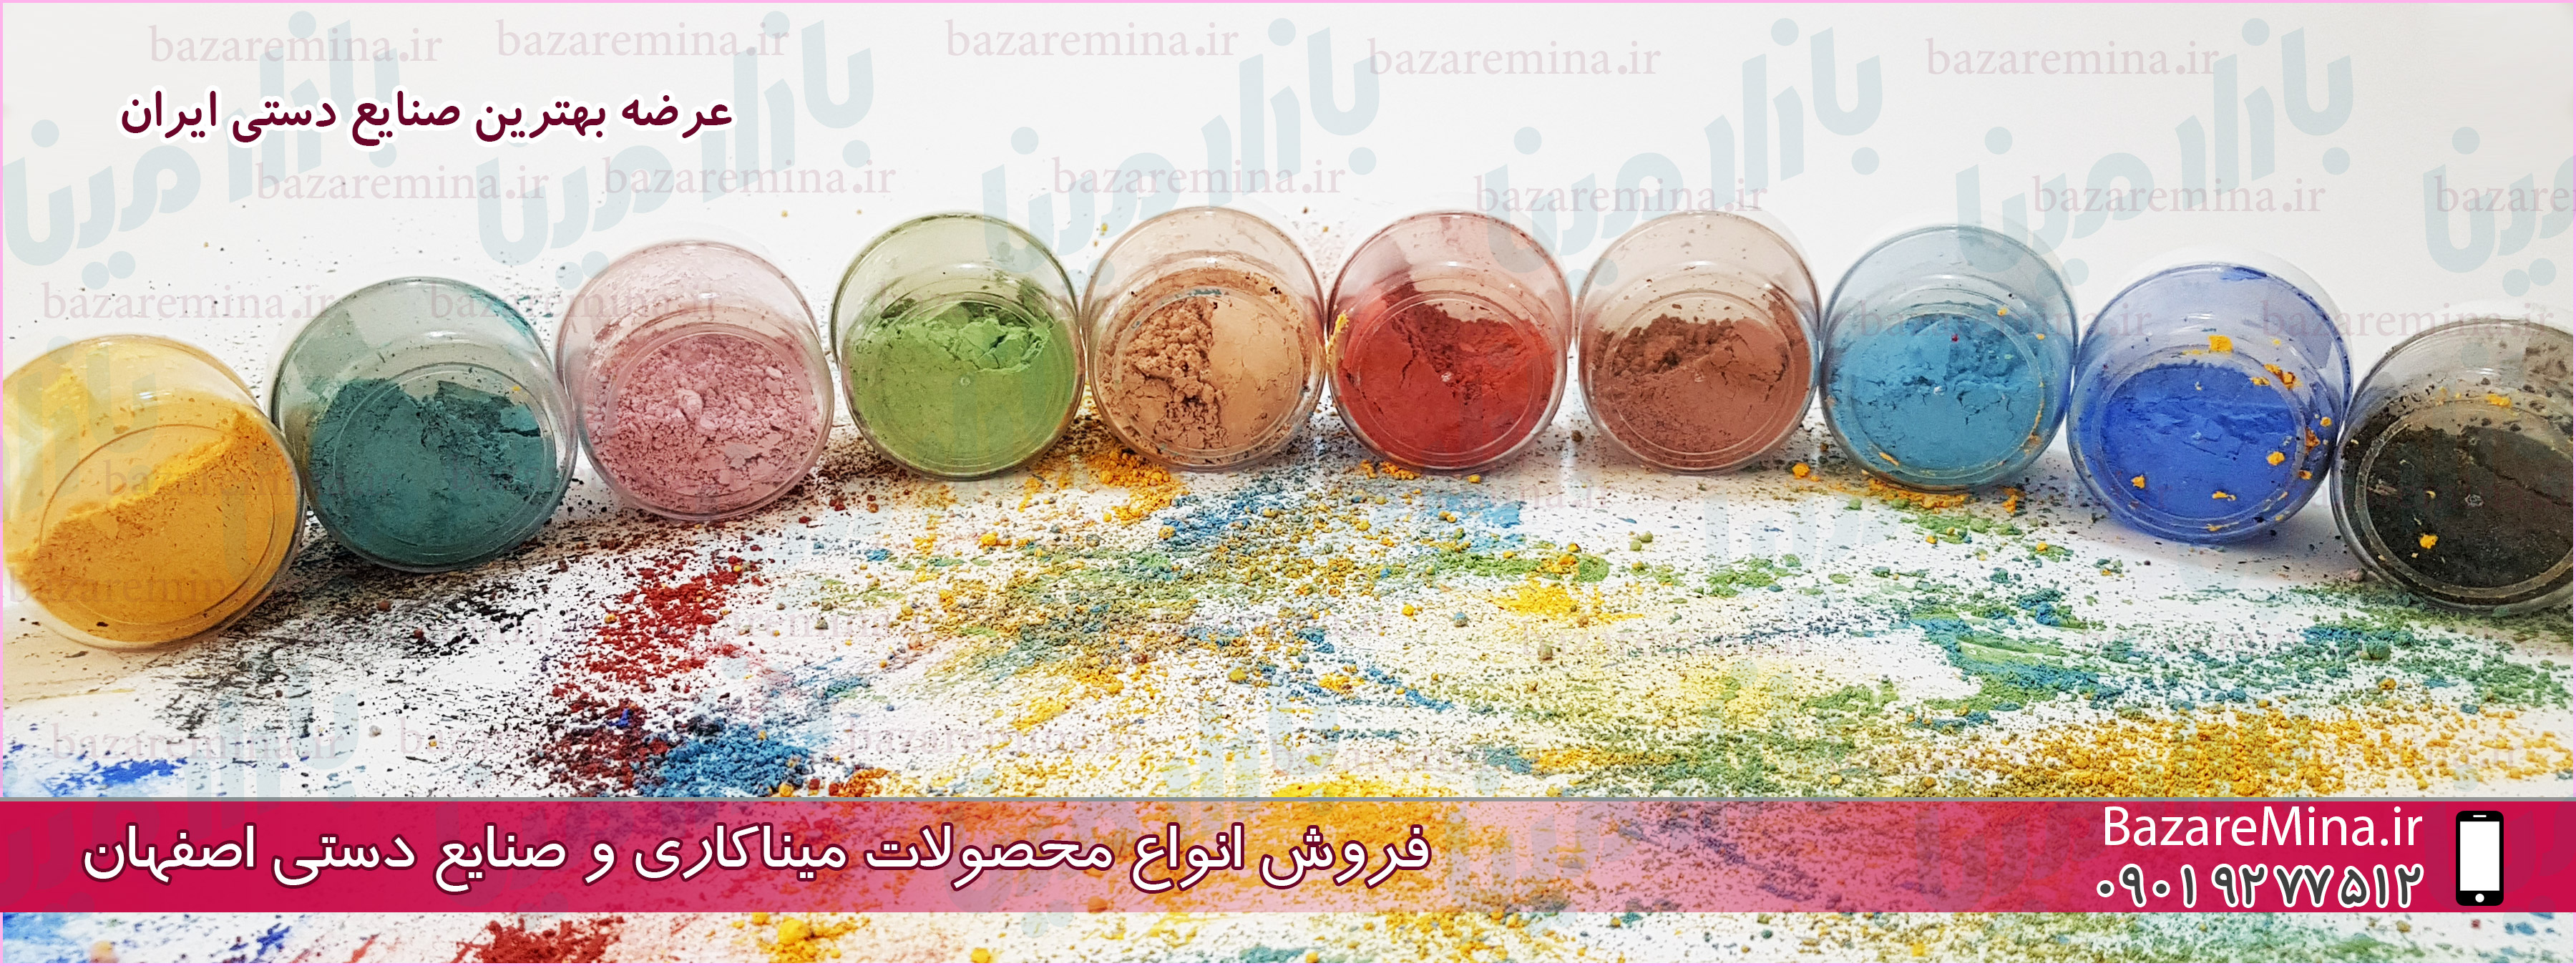 رنگ میناکاری در اصفهان